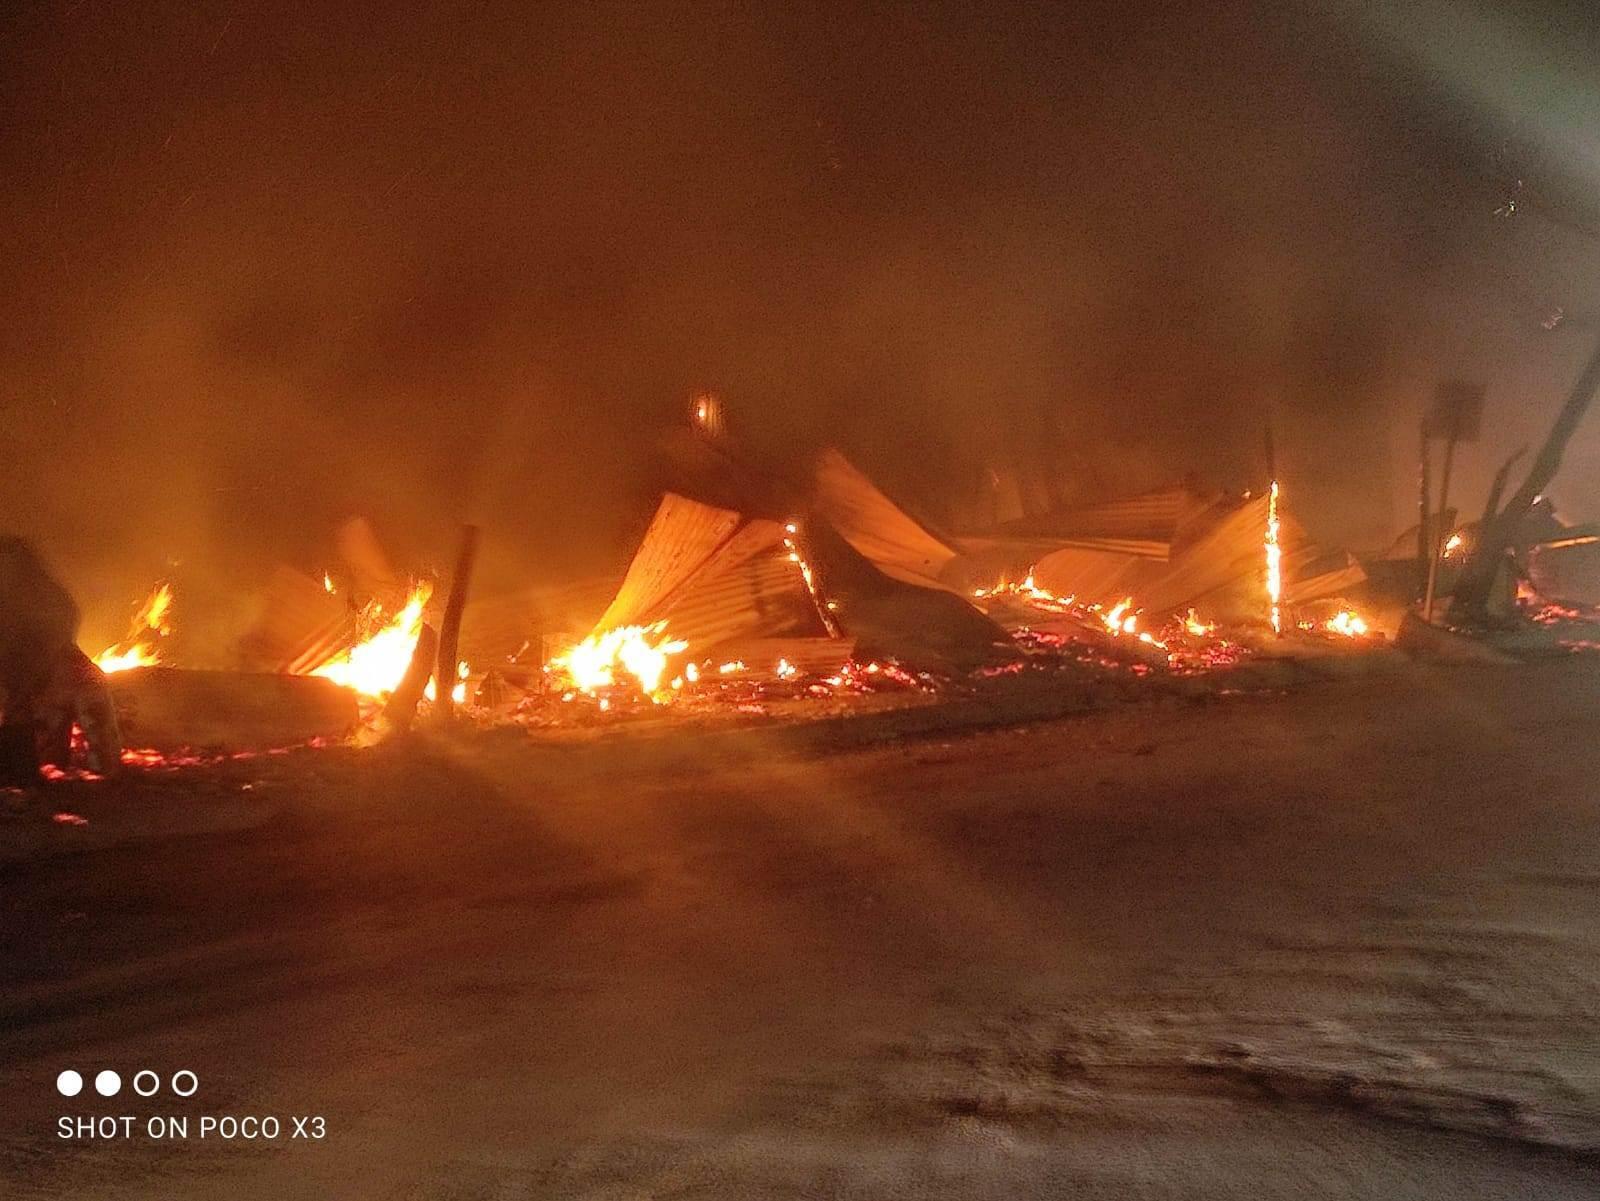 Fuego arrasó con por lo menos, 25 locales de Pulga de El Riel, la madrugada del miércoles. (Foto: La Tarde/Staff)